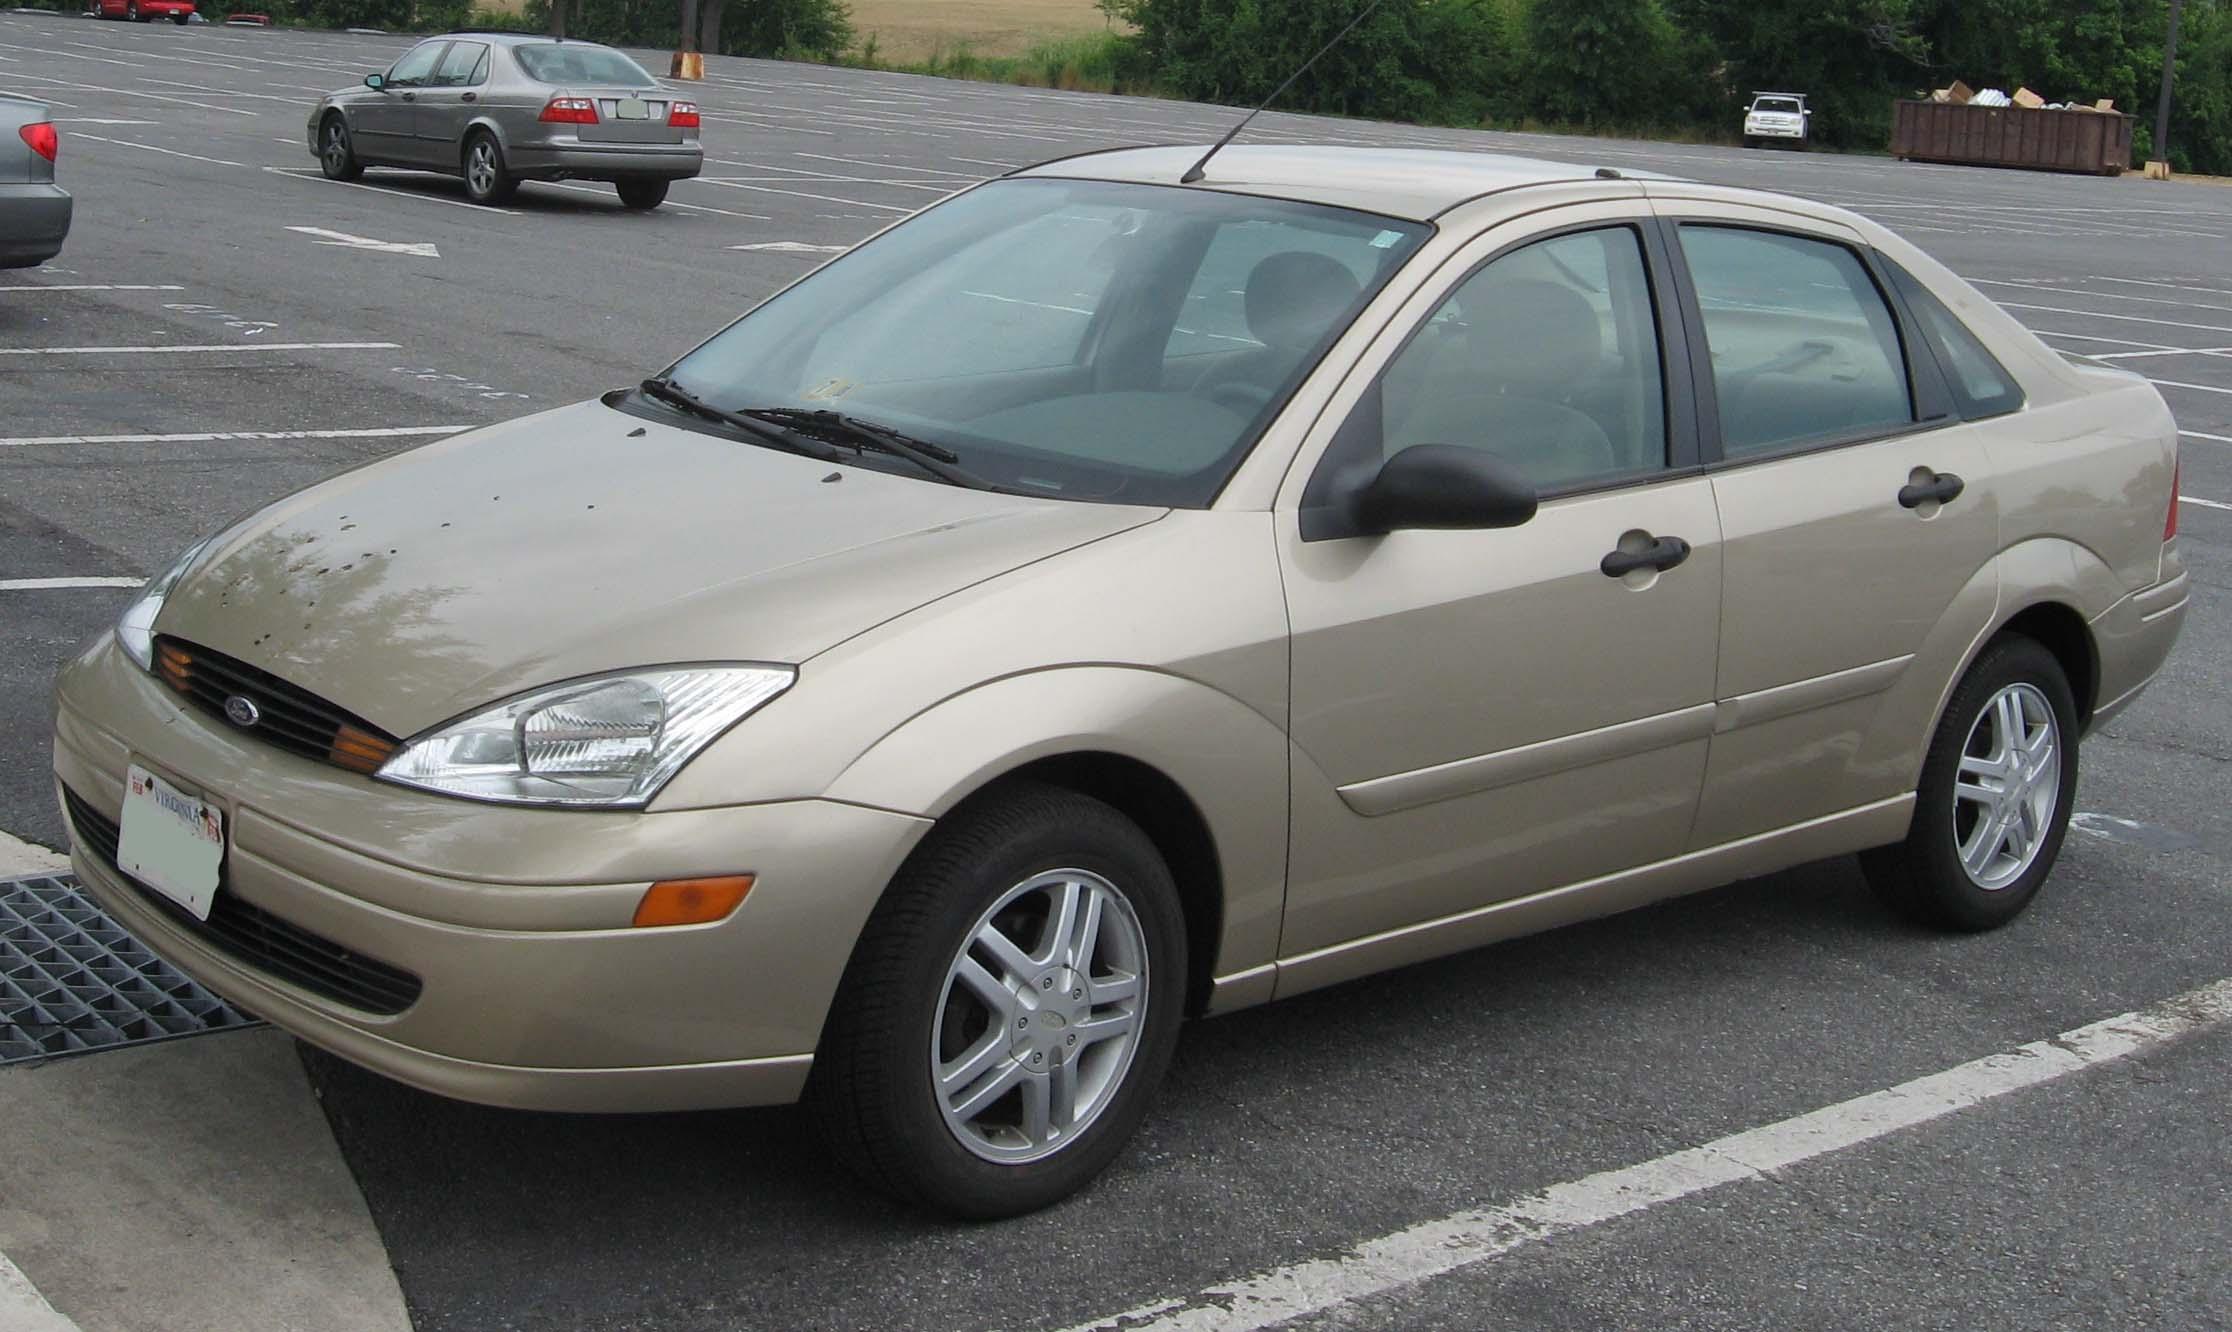 2004 ford focus pics